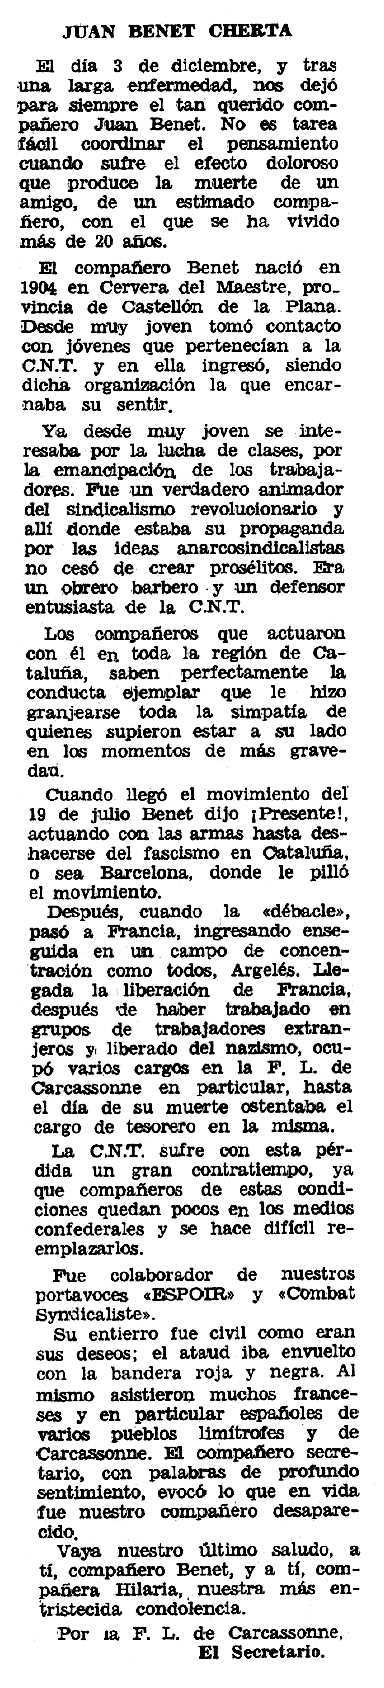 """Necrològica de Joan Benet Cherta apareguda en el periòdic tolosà """"Espoir"""" del 4 d'abril de 1971"""